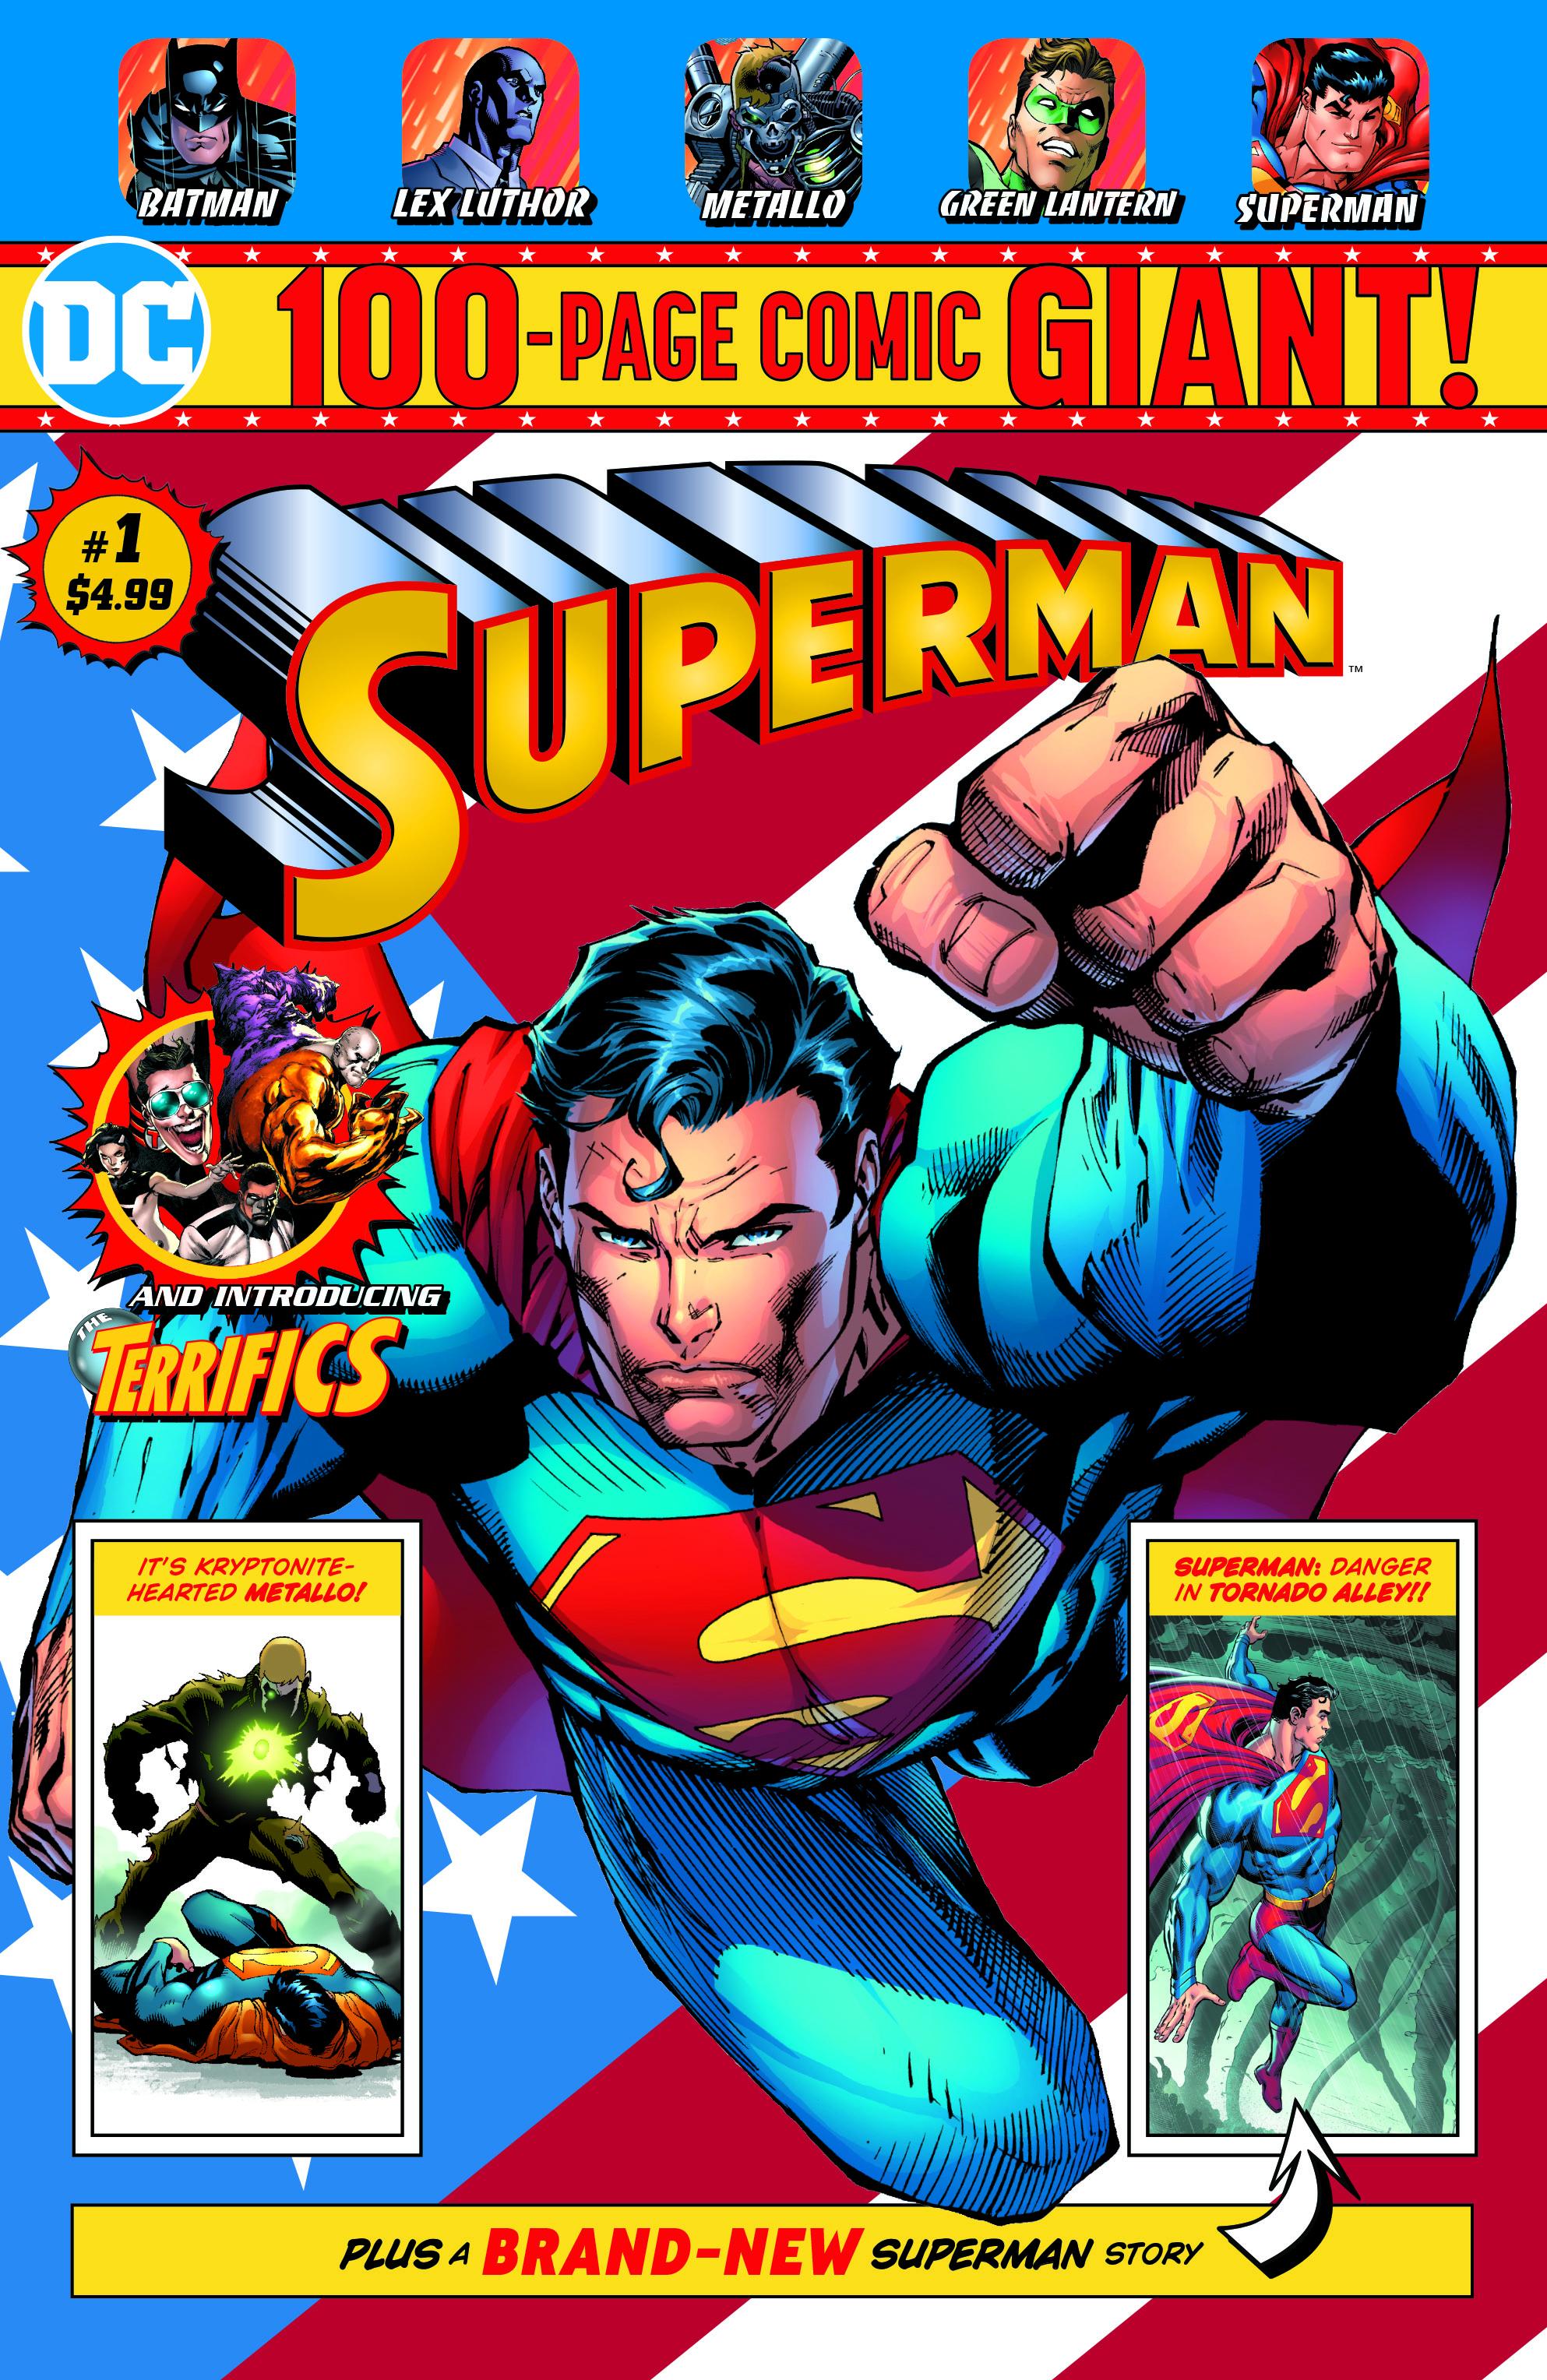 dc giant walmart comic batman story length bendis exclusives feature